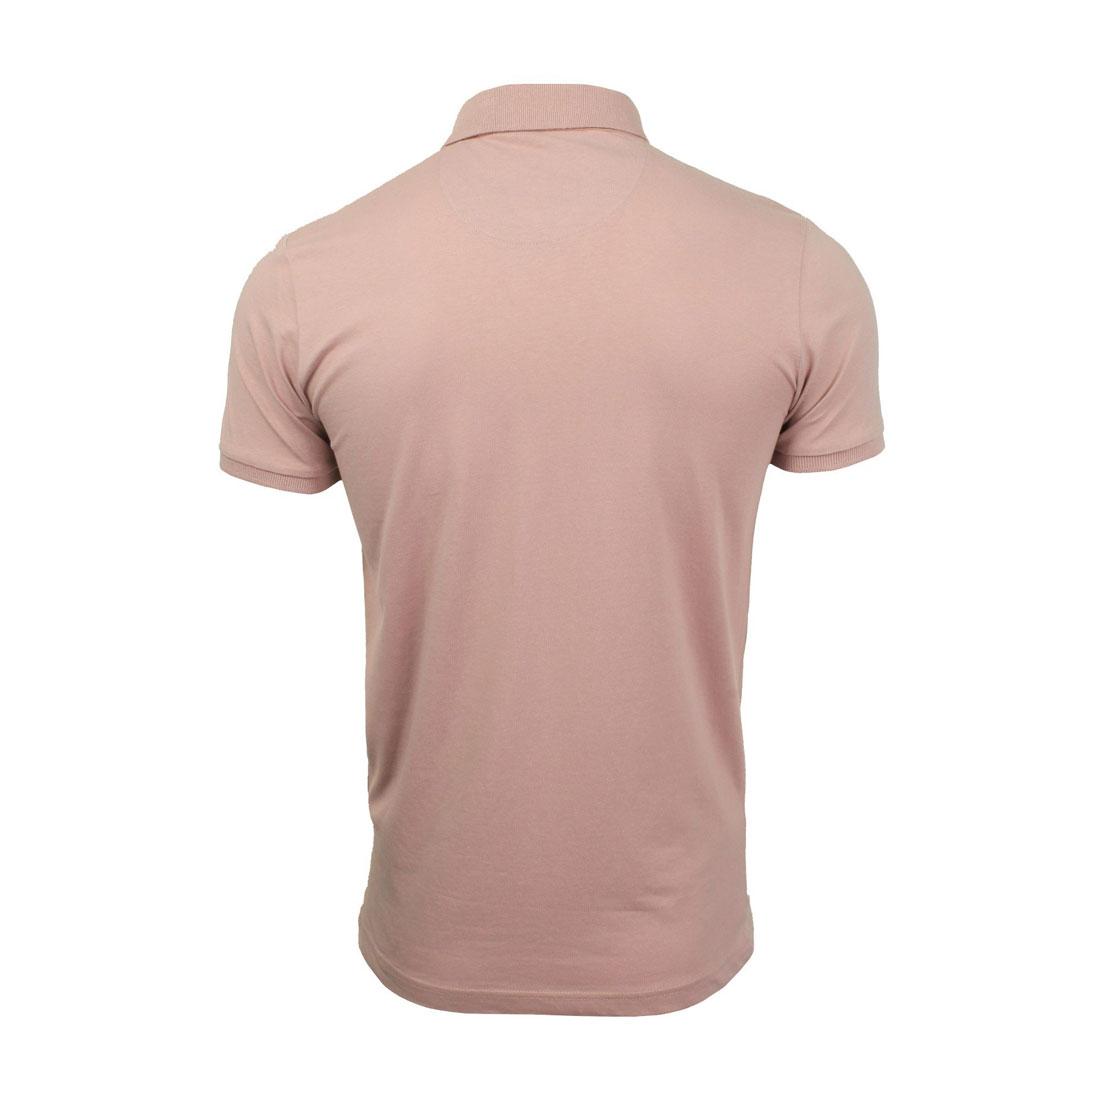 Brave-Soul-Hommes-Polo-T-Shirt-034-Julius-039-S-Coton-A-Col-Manches-Courtes-Haut-Decontracte miniature 22